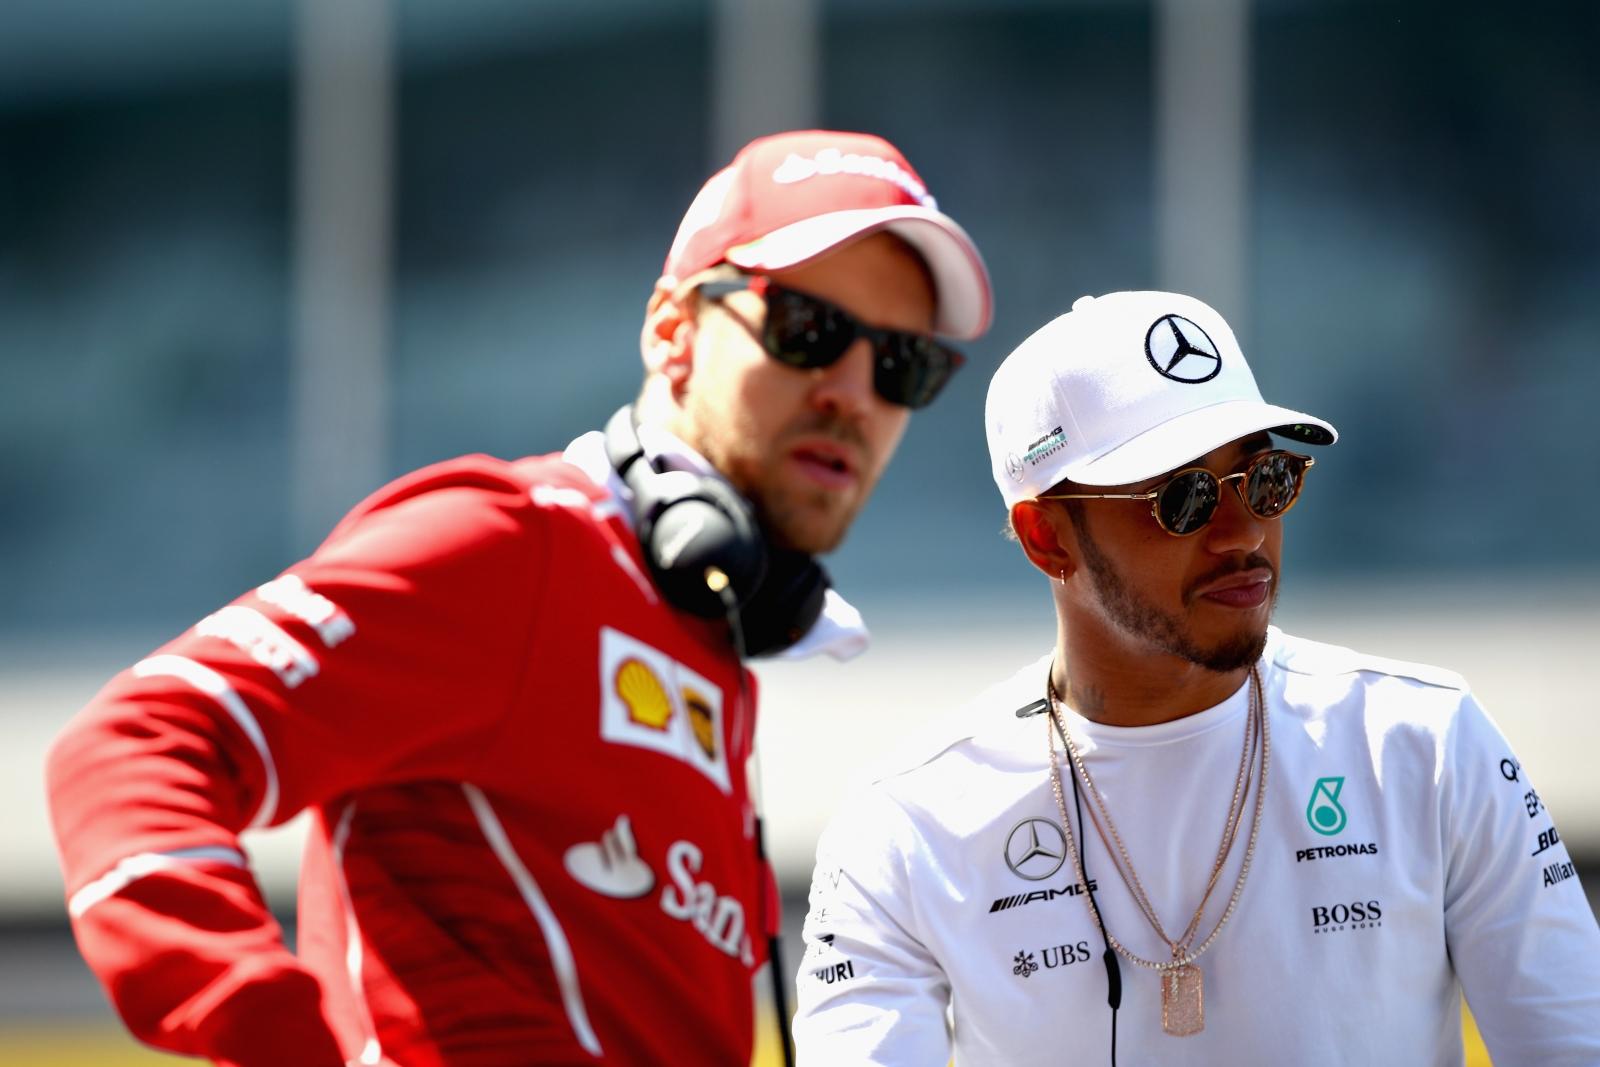 Touch Paper Lit On Lewis Hamilton Vs Sebastian Vettel